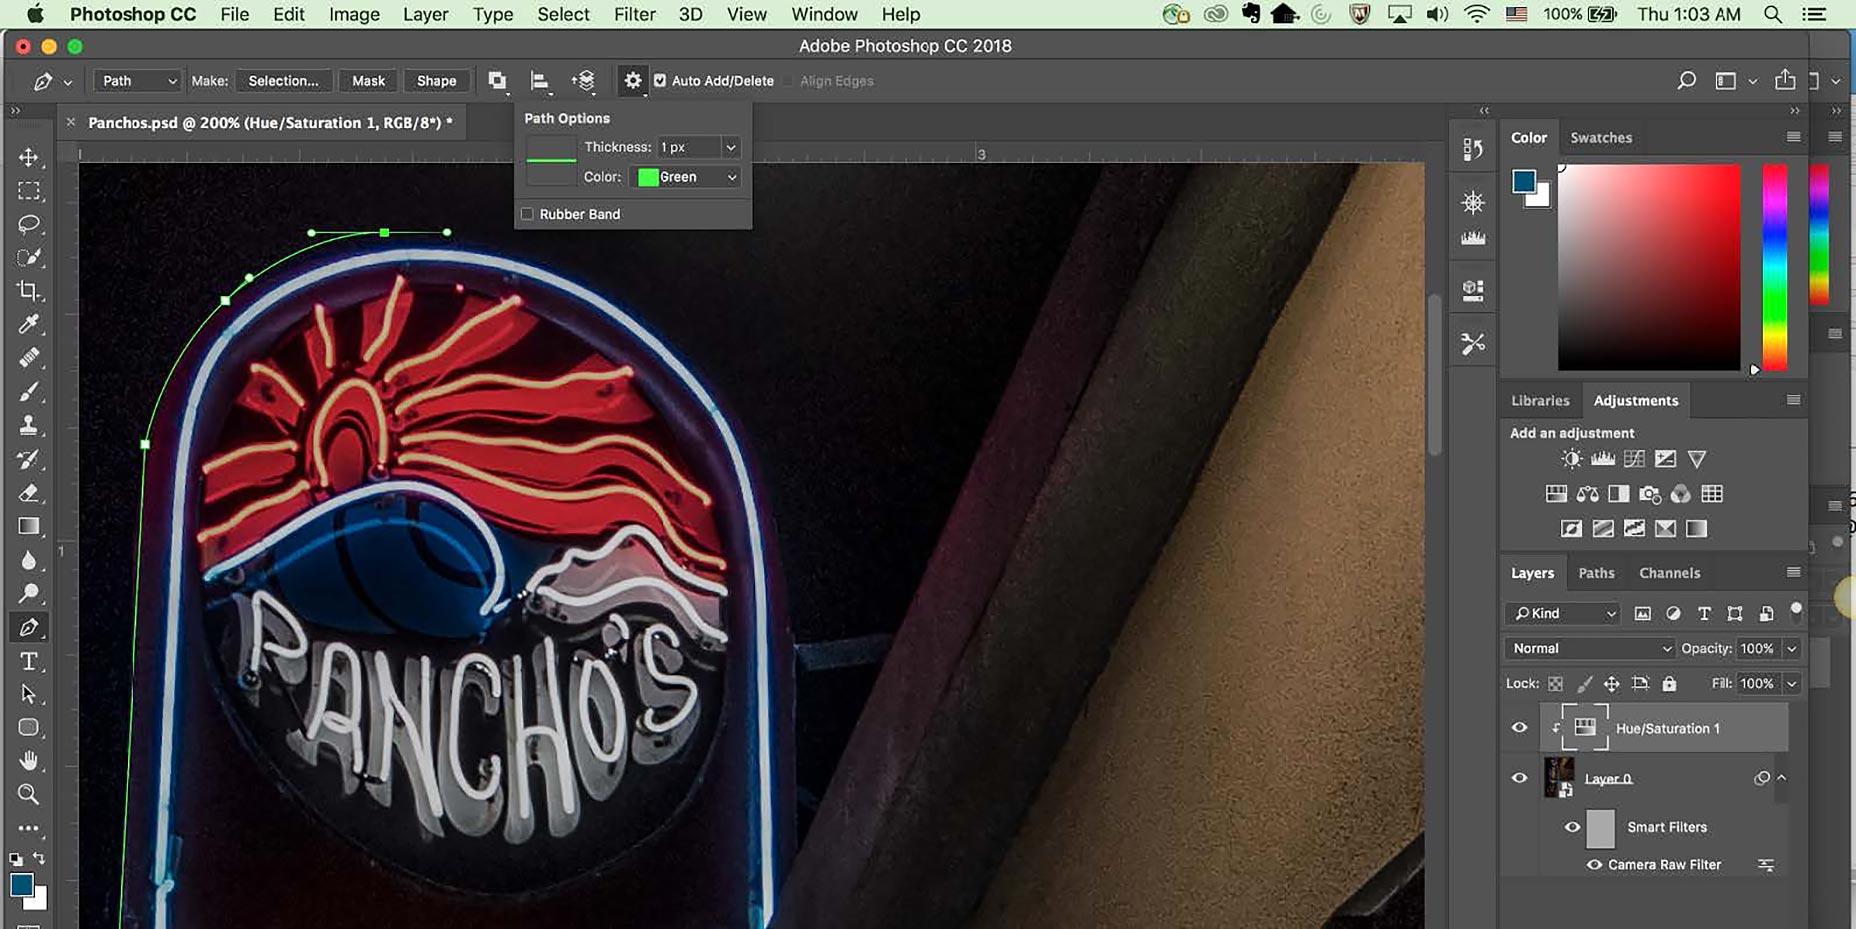 更新Adobe全家桶之前,这些关键信息不要错过了